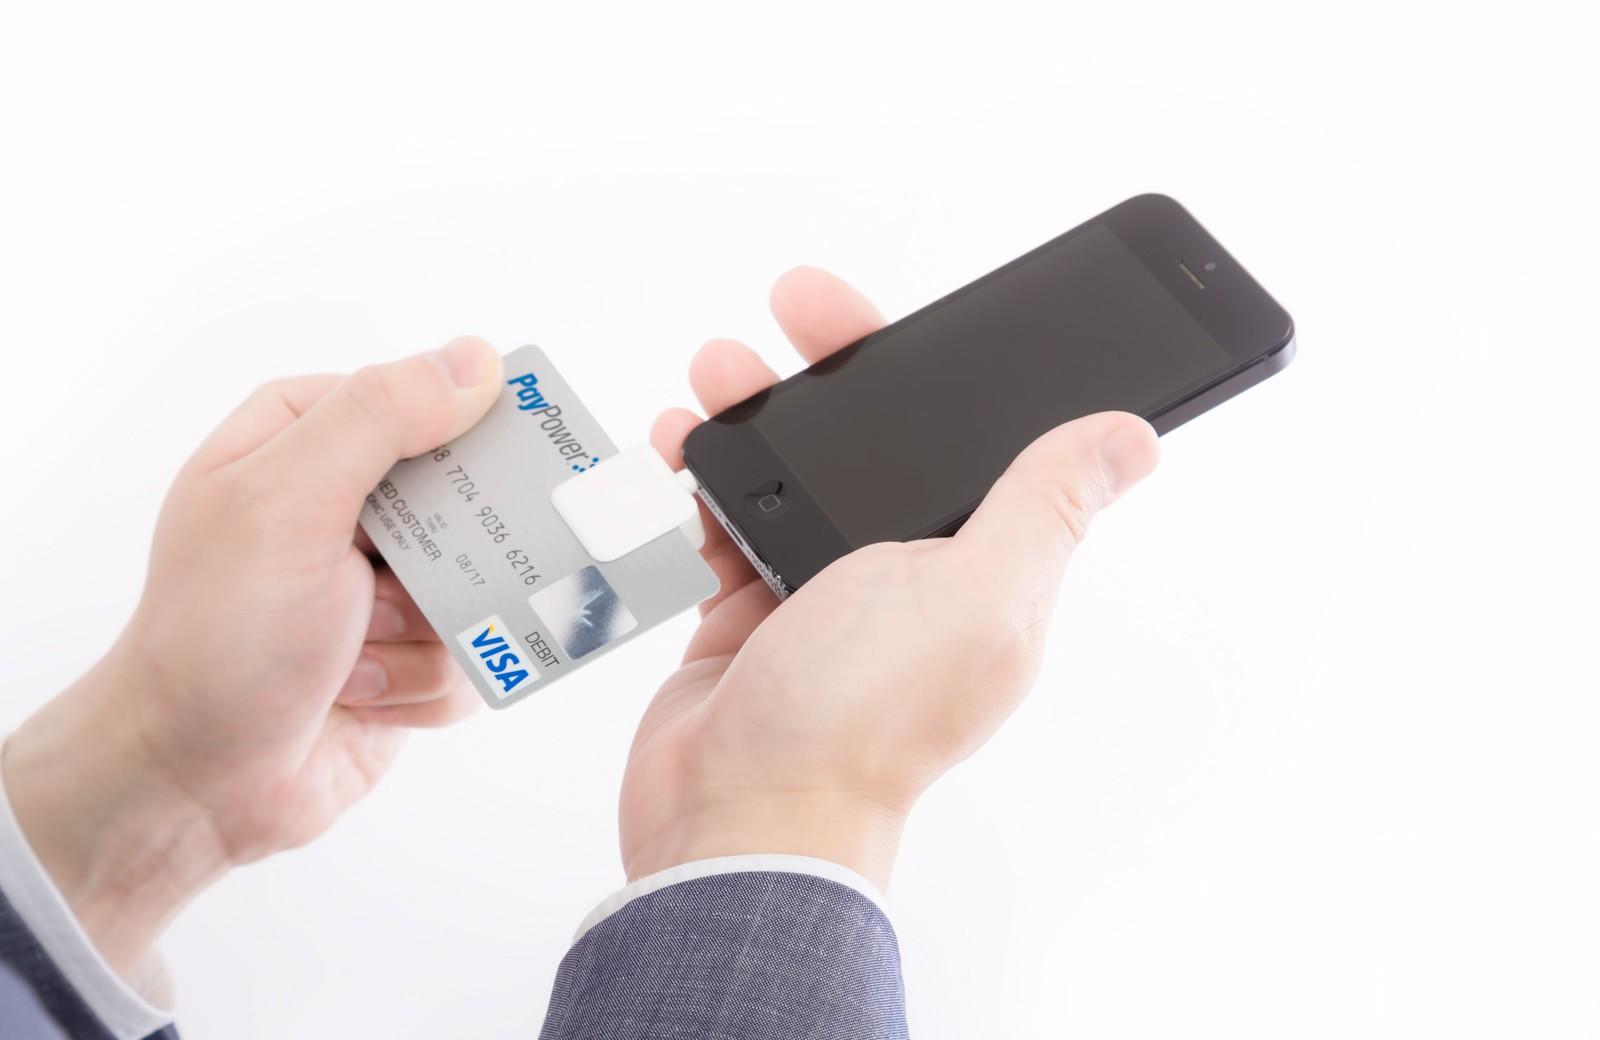 カード会社に連絡せずにクレジットカードが利用可能か調べる方法は?